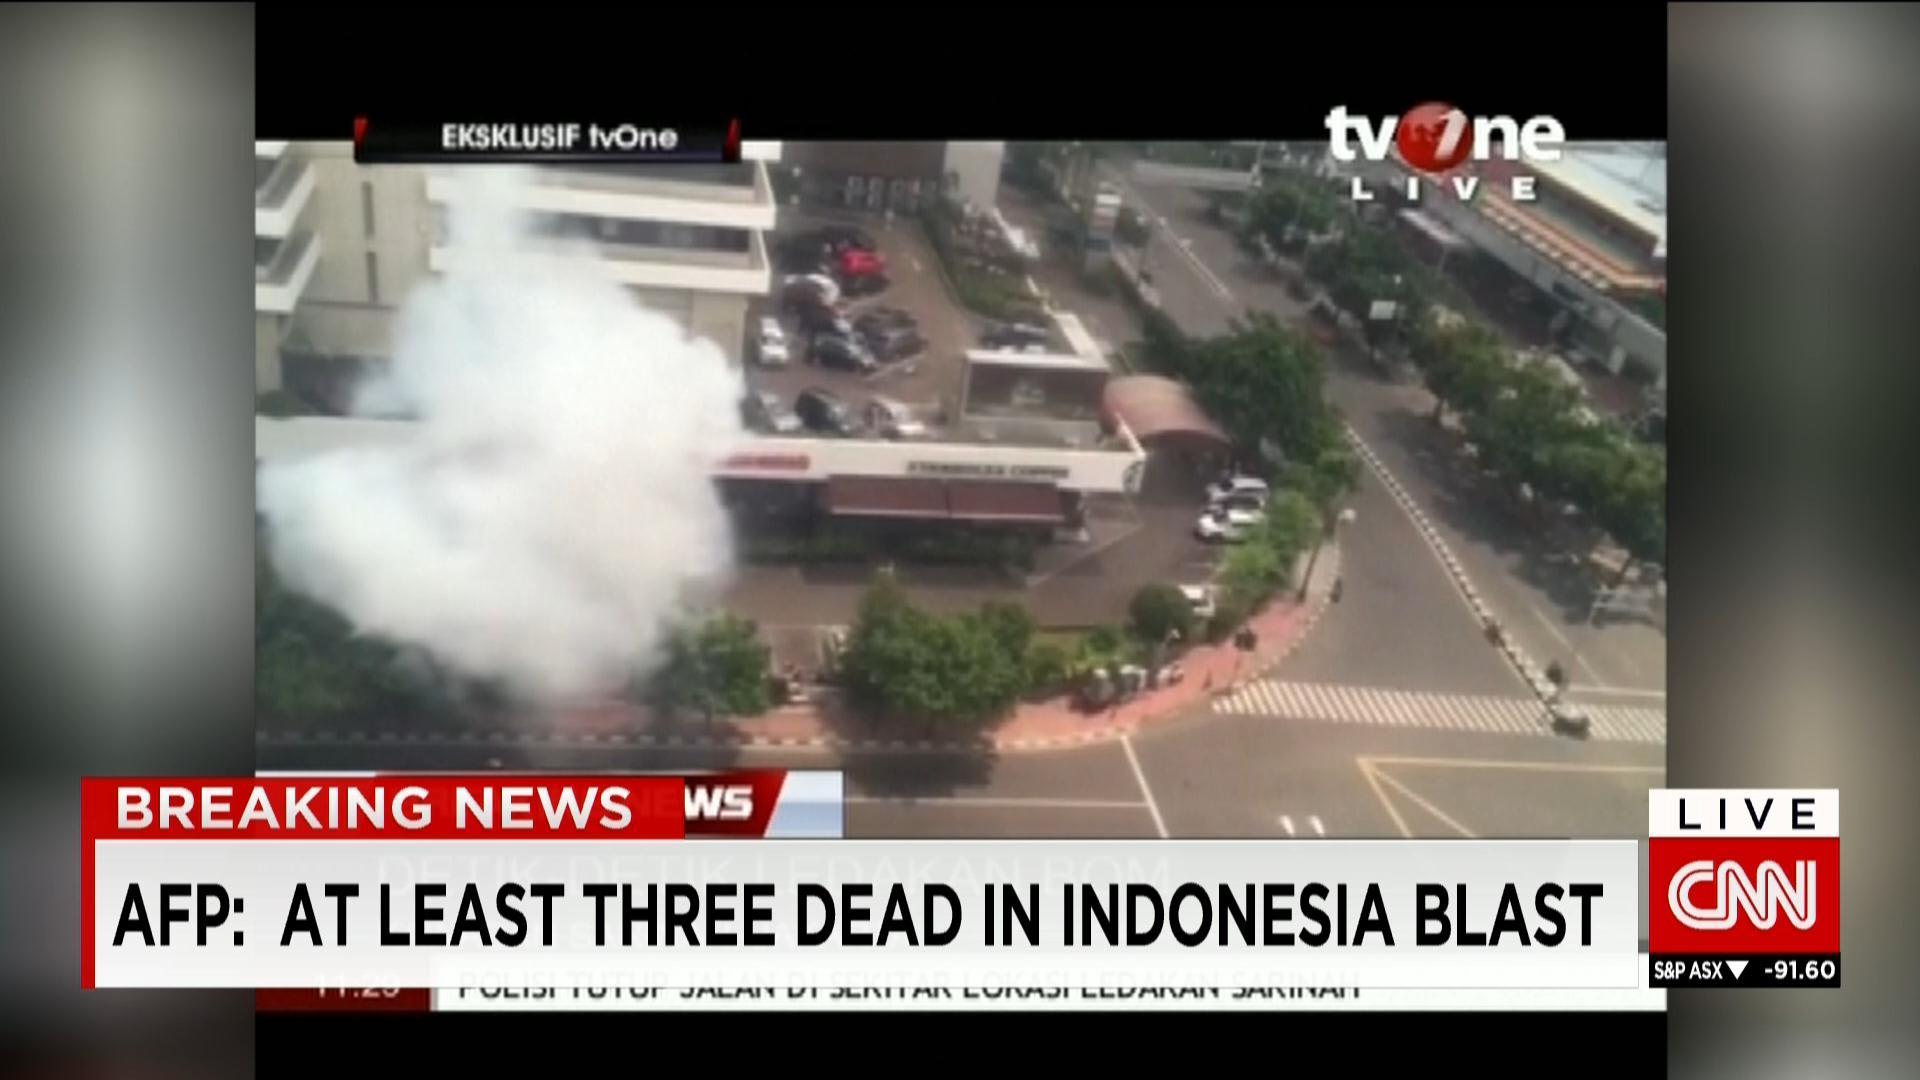 صورة للانفجار الذي وقع قرب مقهى ستاربكس في جاكرتا